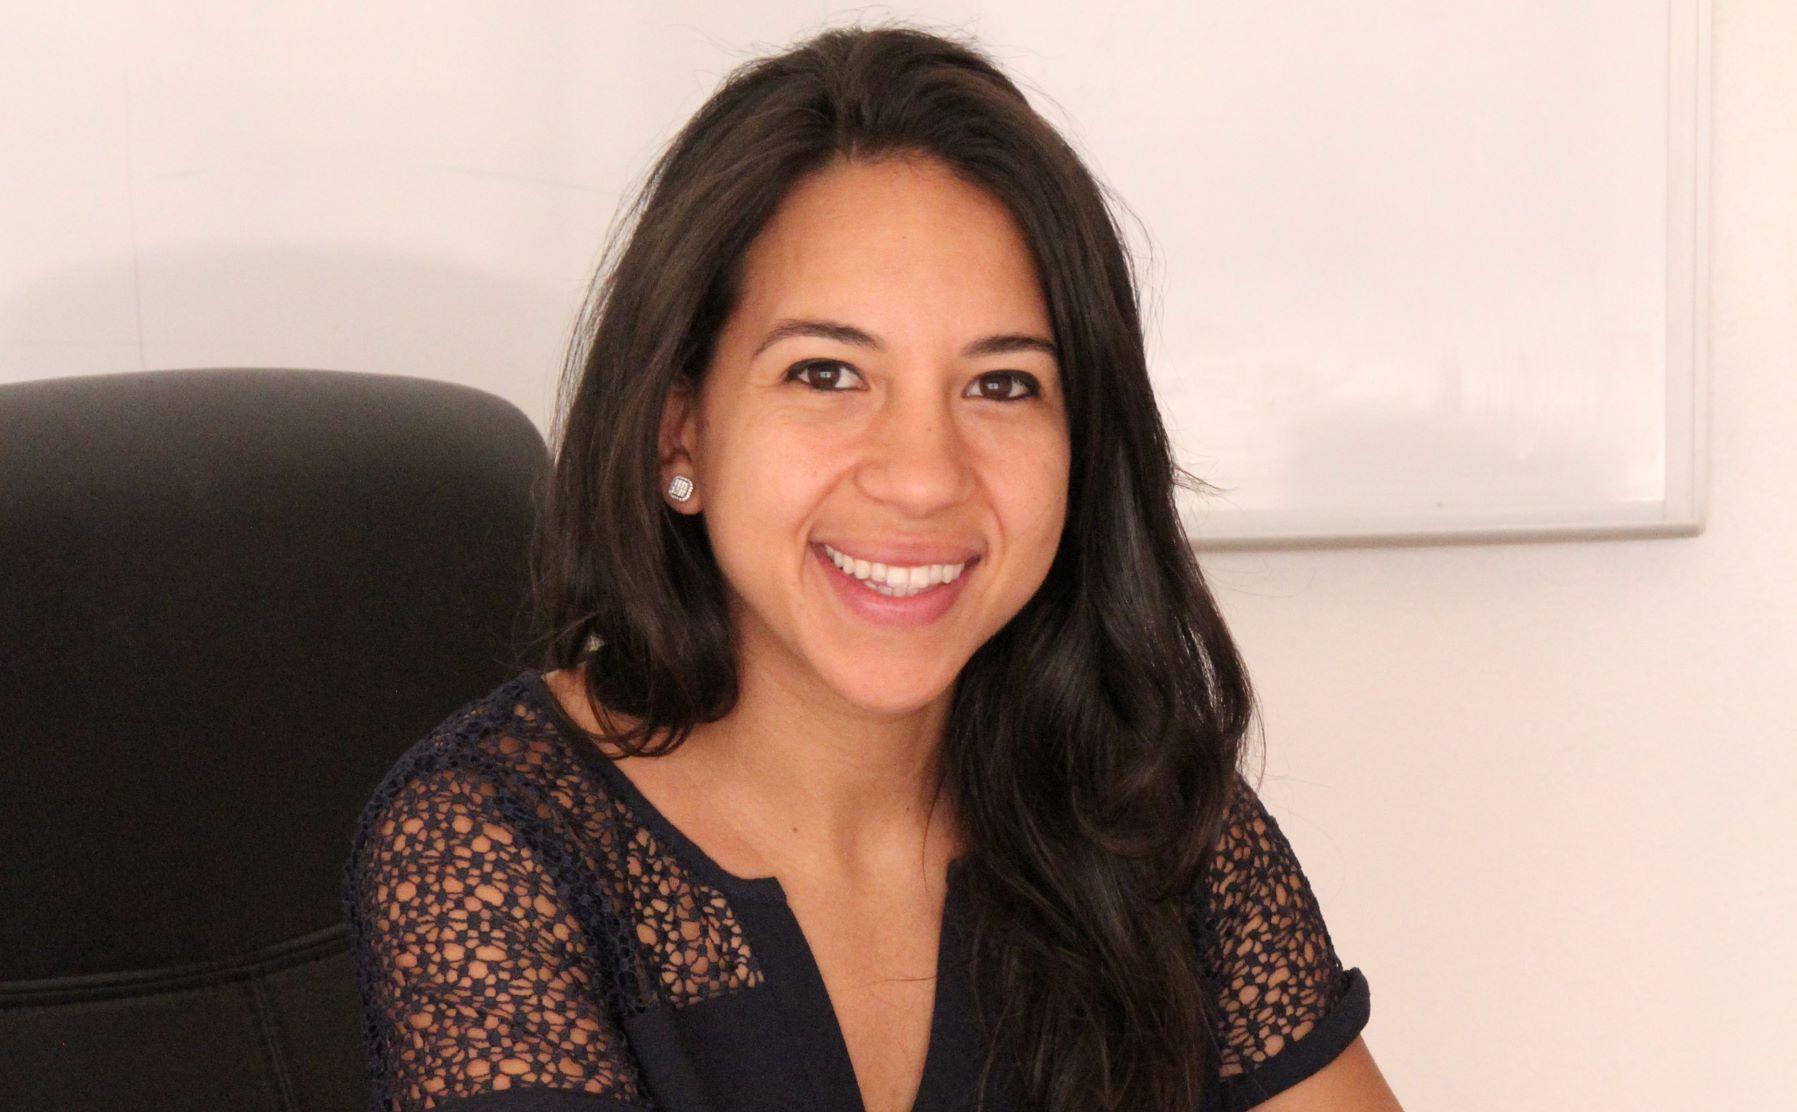 In conversation with Niama El Bassunie of Morocco's WaystoCap